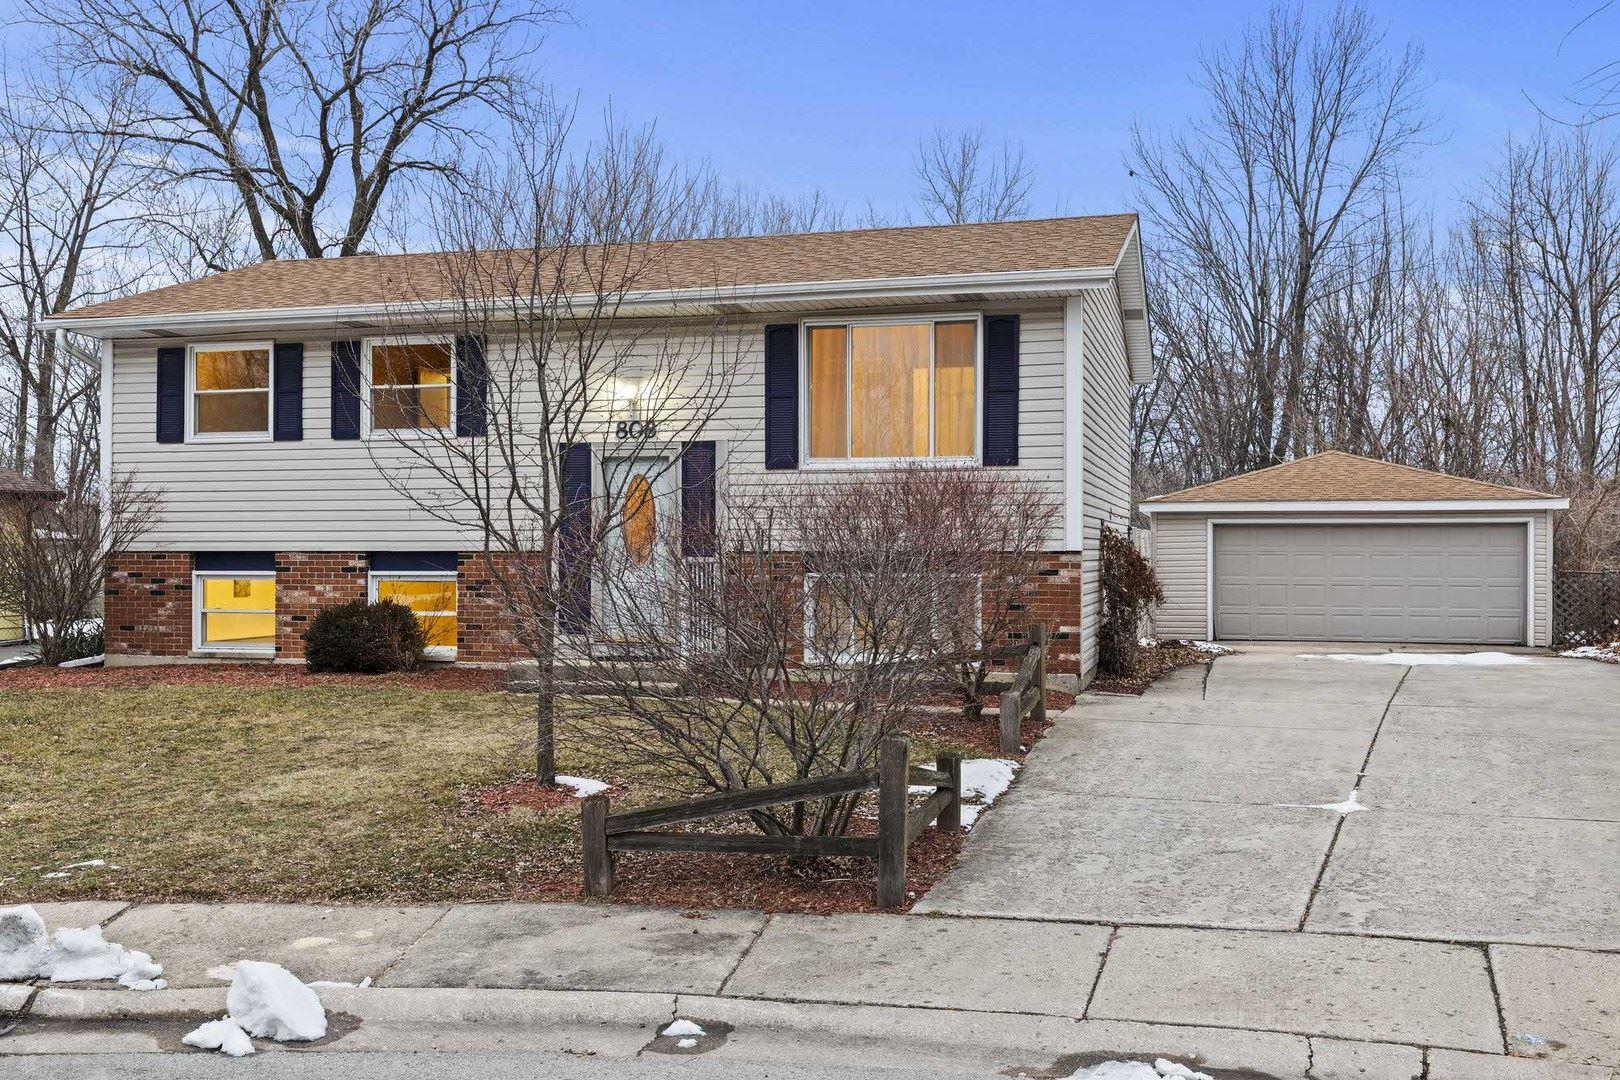 Photo of 808 Poplar Lane, Bolingbrook, IL 60440 (MLS # 10972777)